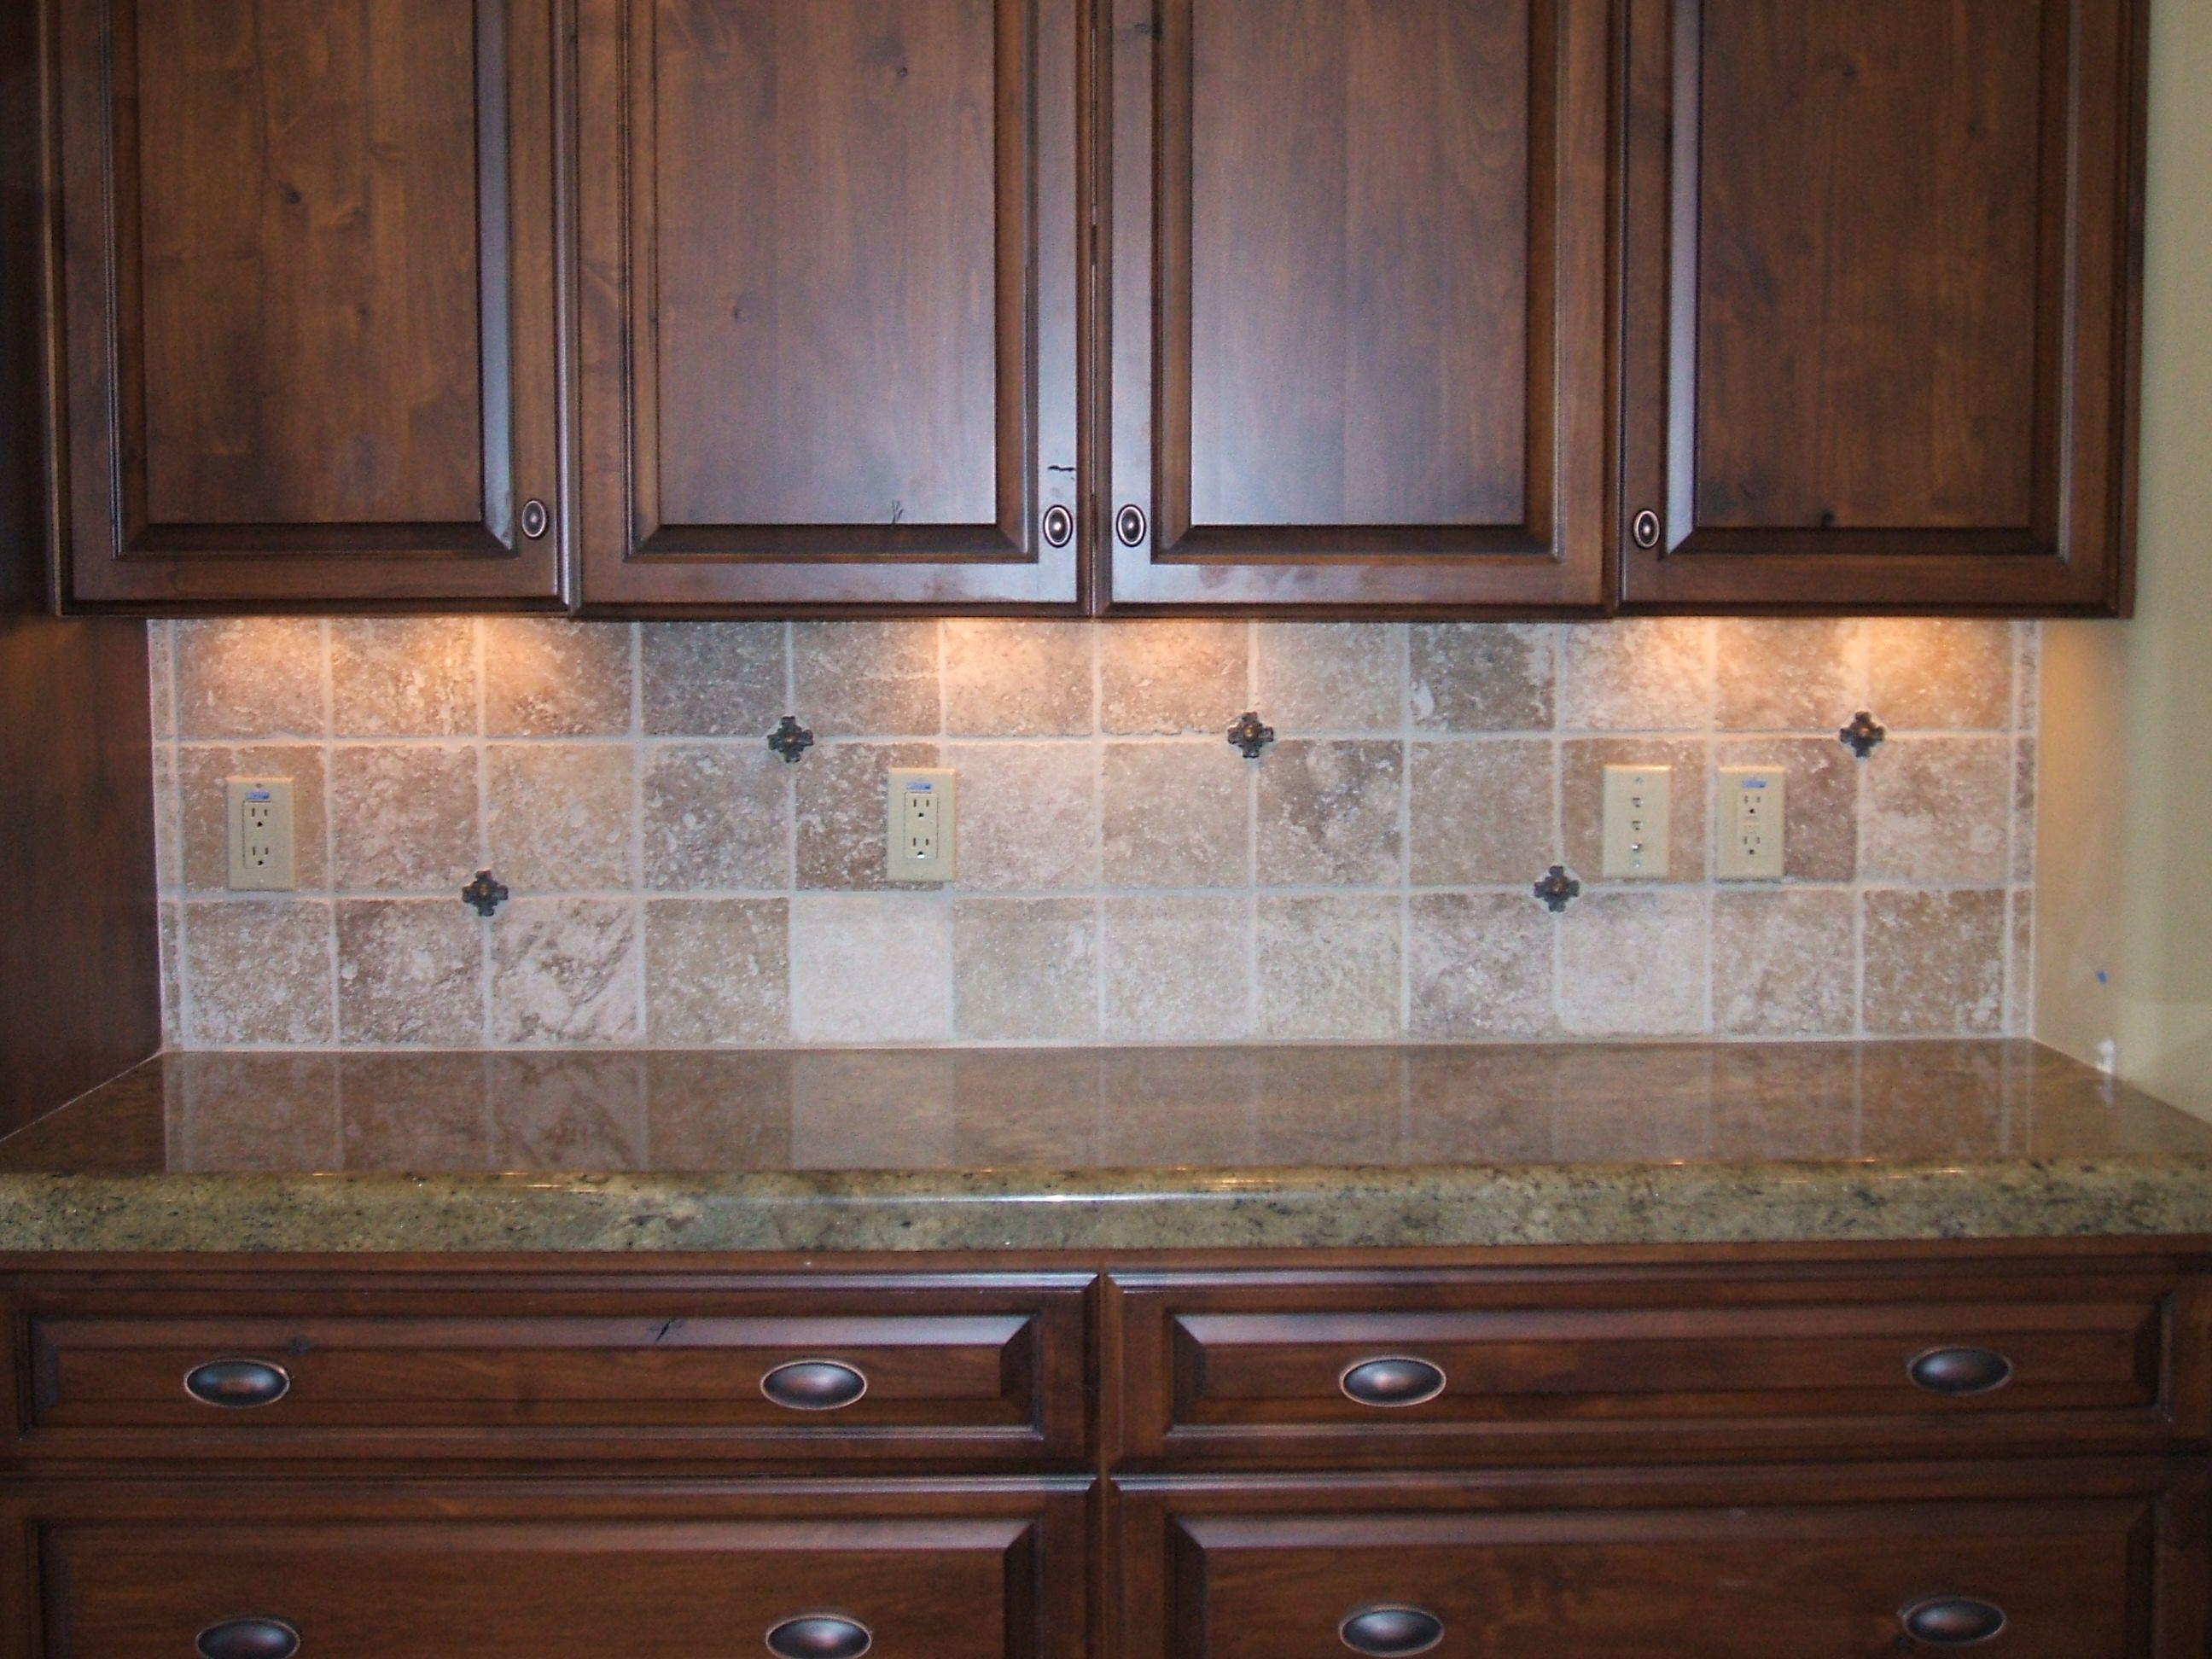 ceramic tile patterns for kitchen backsplash backsplashes for kitchens 17 Best images about kitchen tiles on Pinterest Kitchen backsplash design Backsplash ideas for